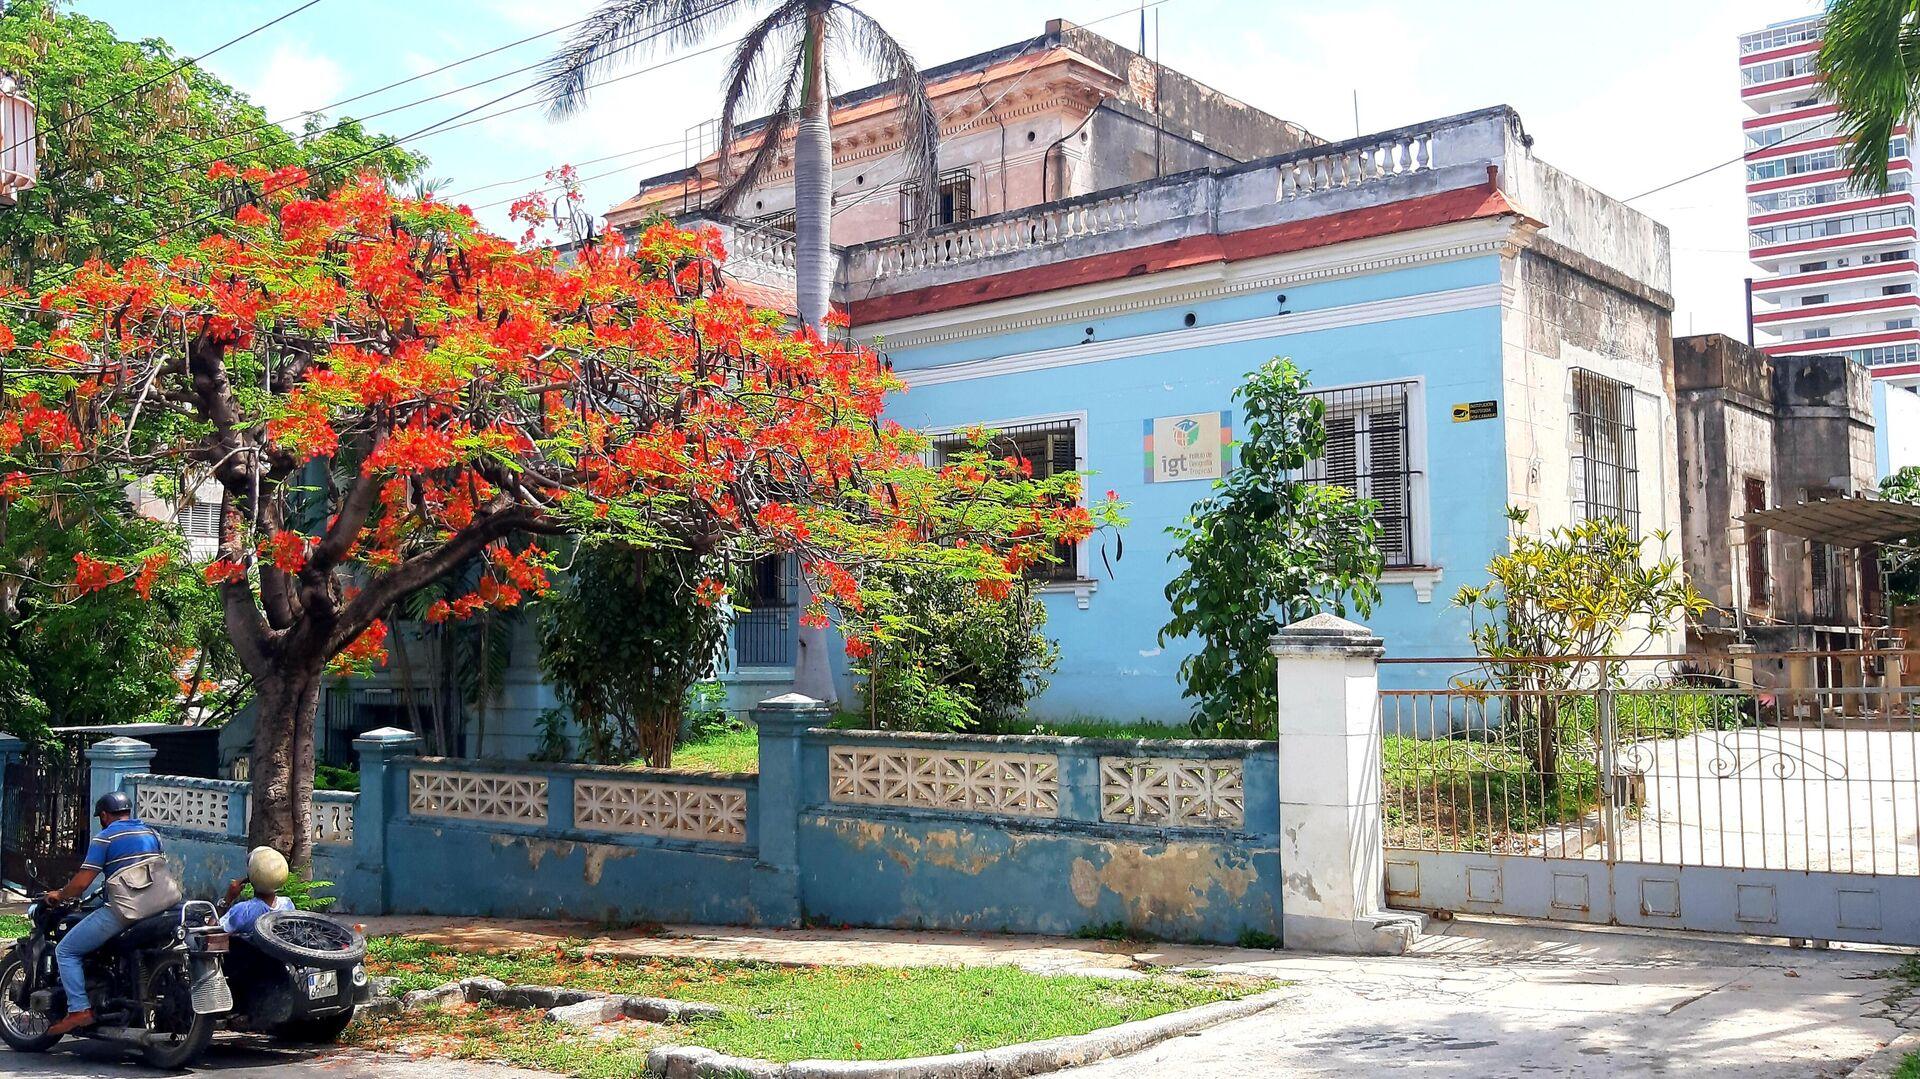 Instituto de Geografía Tropical de Cuba - Sputnik Mundo, 1920, 23.06.2021